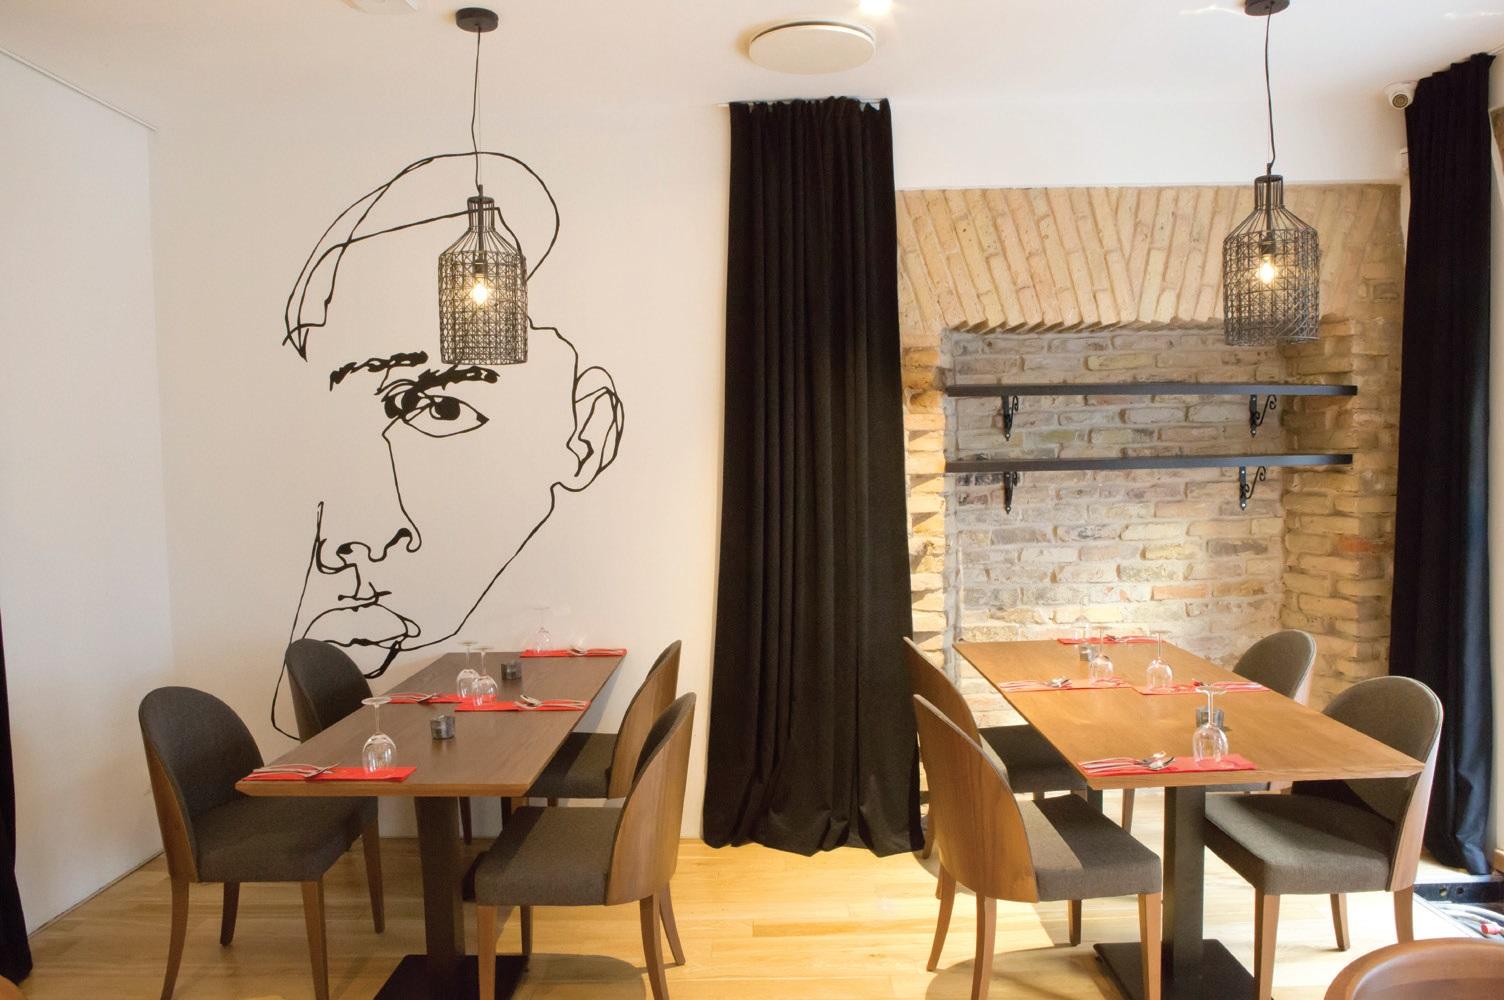 Nuosaikų restorano interjerą pagyvina išskirtinės detalės – kaip ir šis piešinys ant sienos